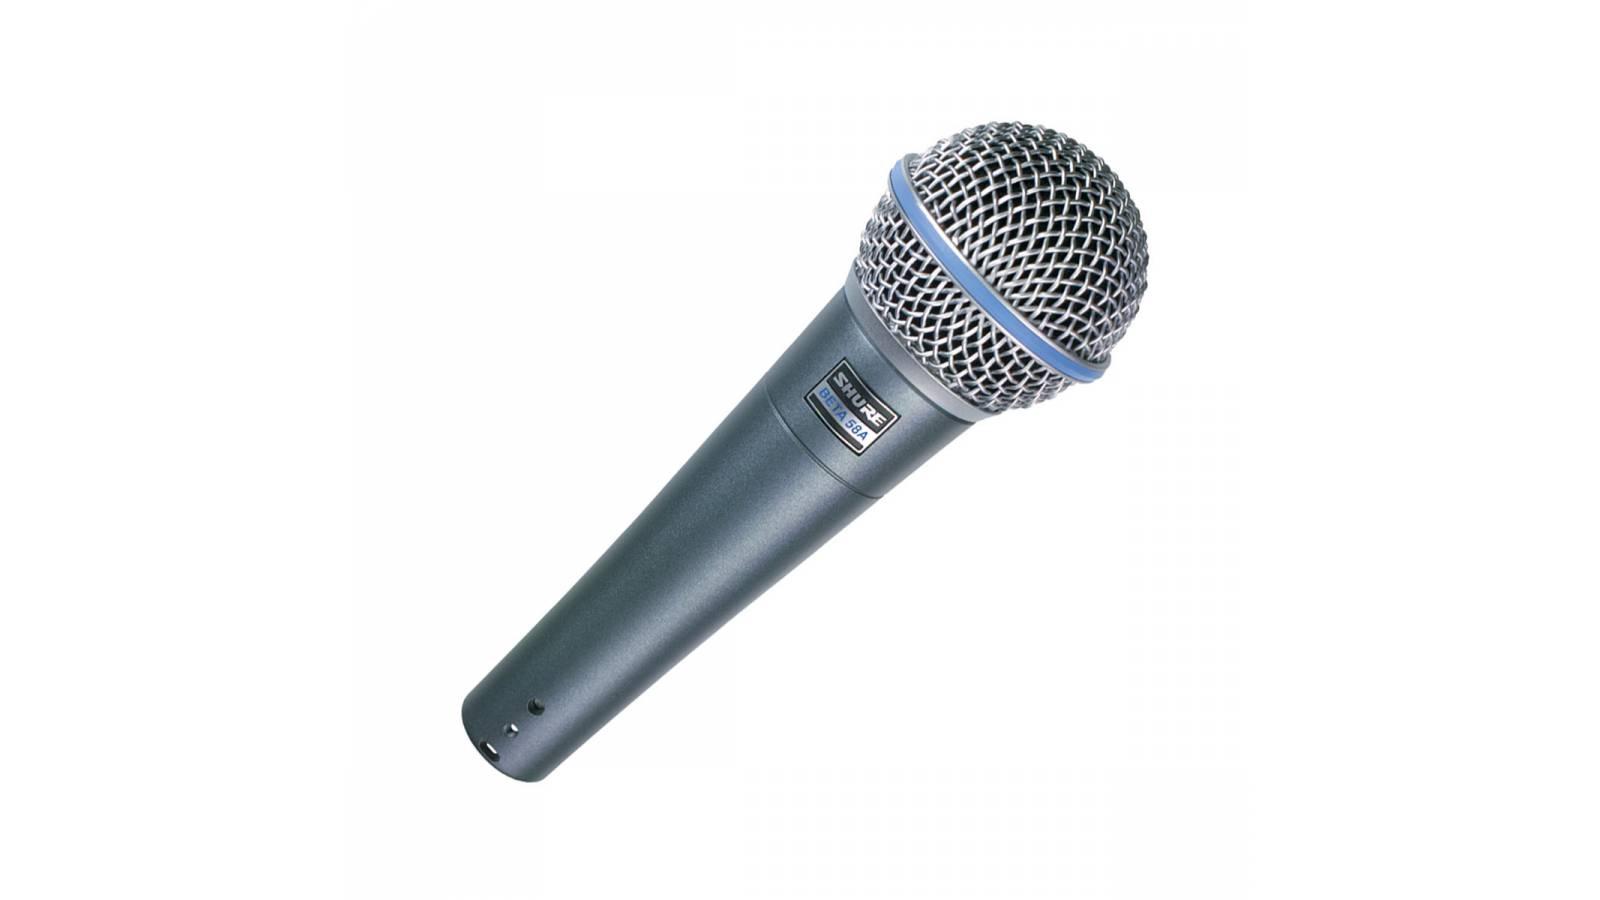 Micrófono Shure BETA 58A Vocal Dinámico Supercardioide de Salida Alta